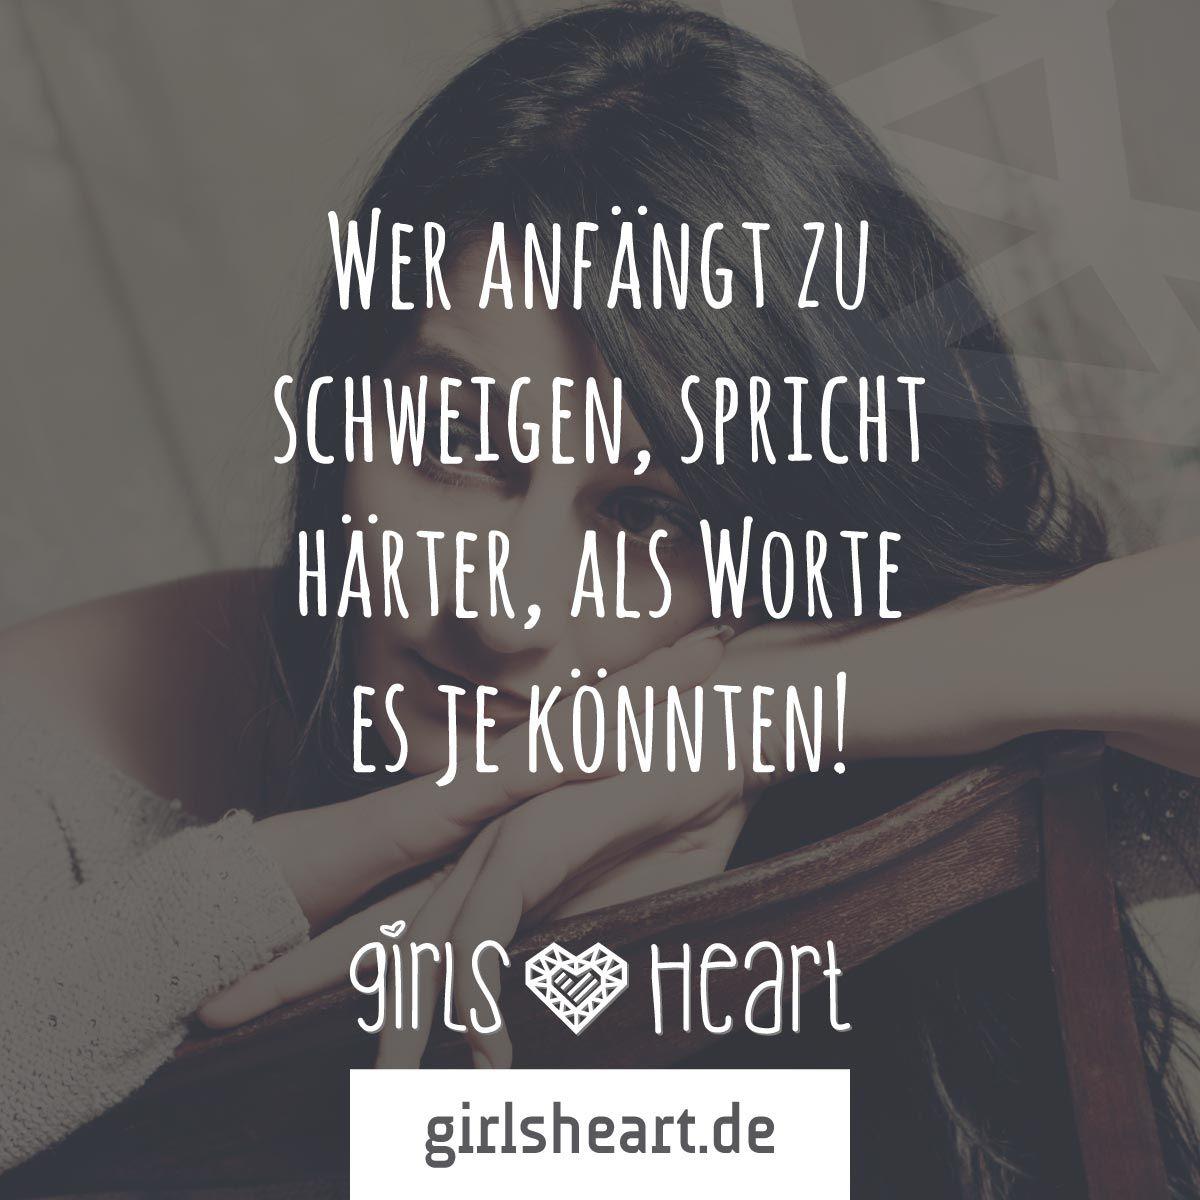 sprüche enttäuschung wut Mehr Sprüche auf: .girlsheart.de #schweigen #trauer #wut  sprüche enttäuschung wut